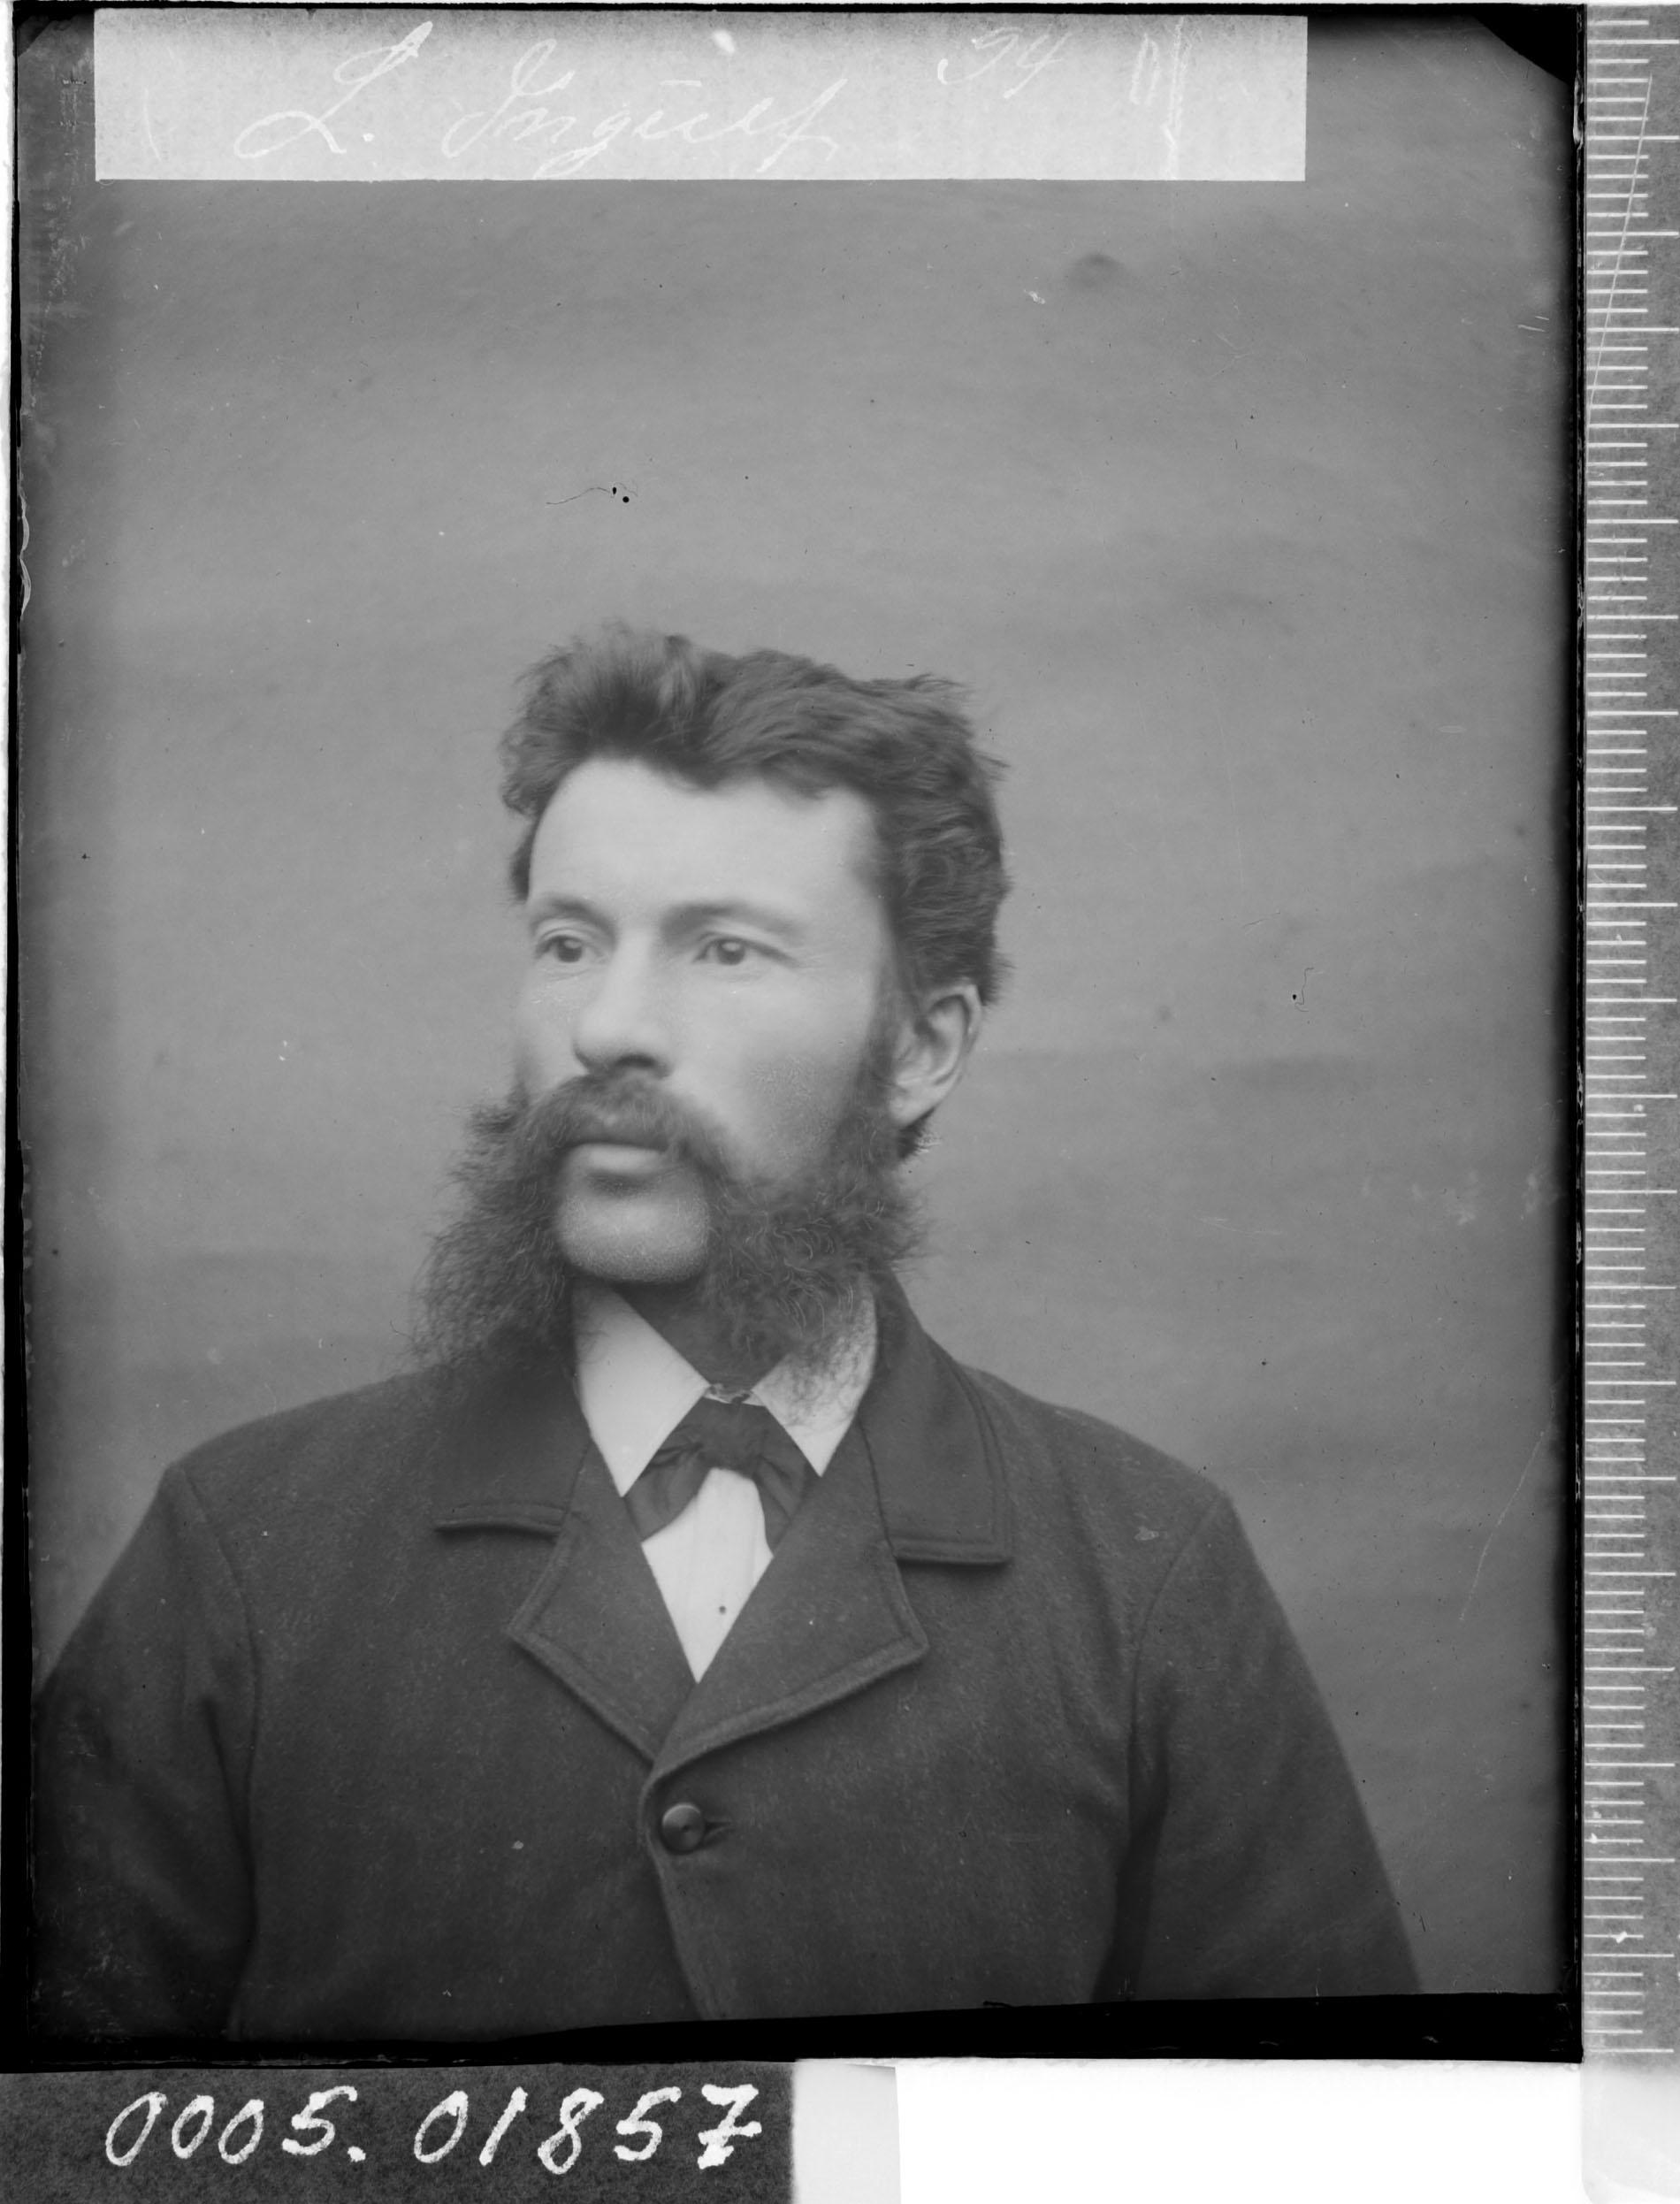 Image of Lars Larsen Ingulfsvand from Wikidata